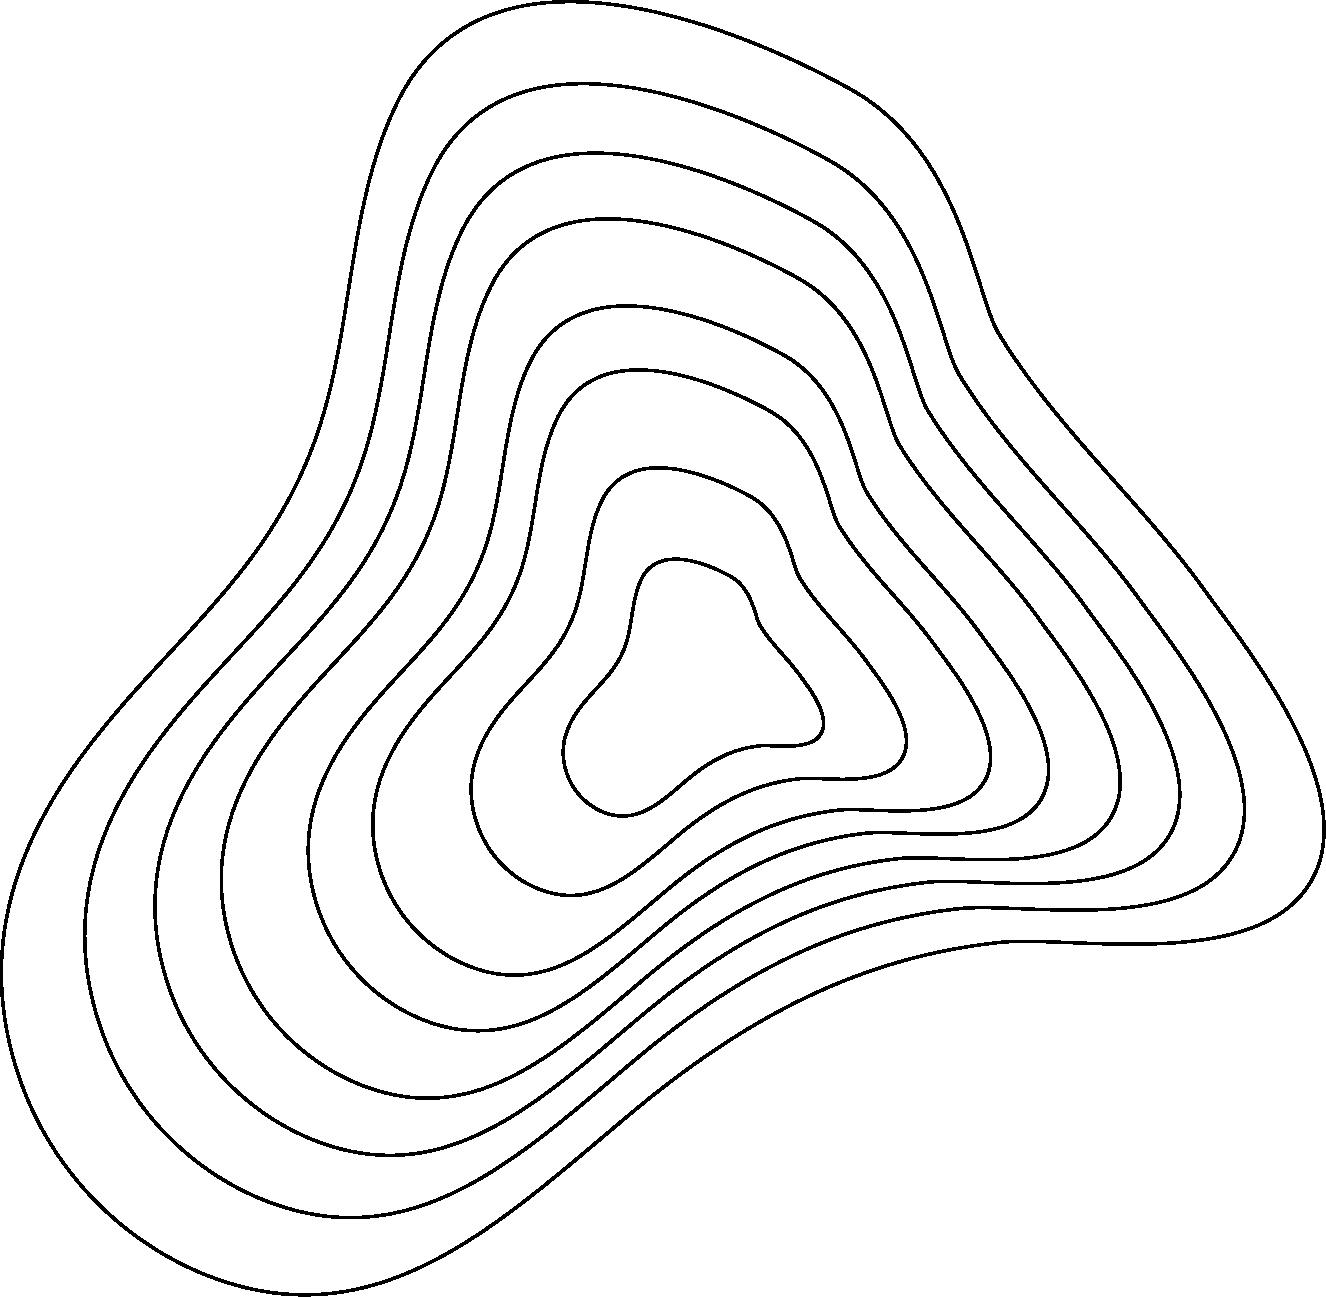 Hojdkurvor_03